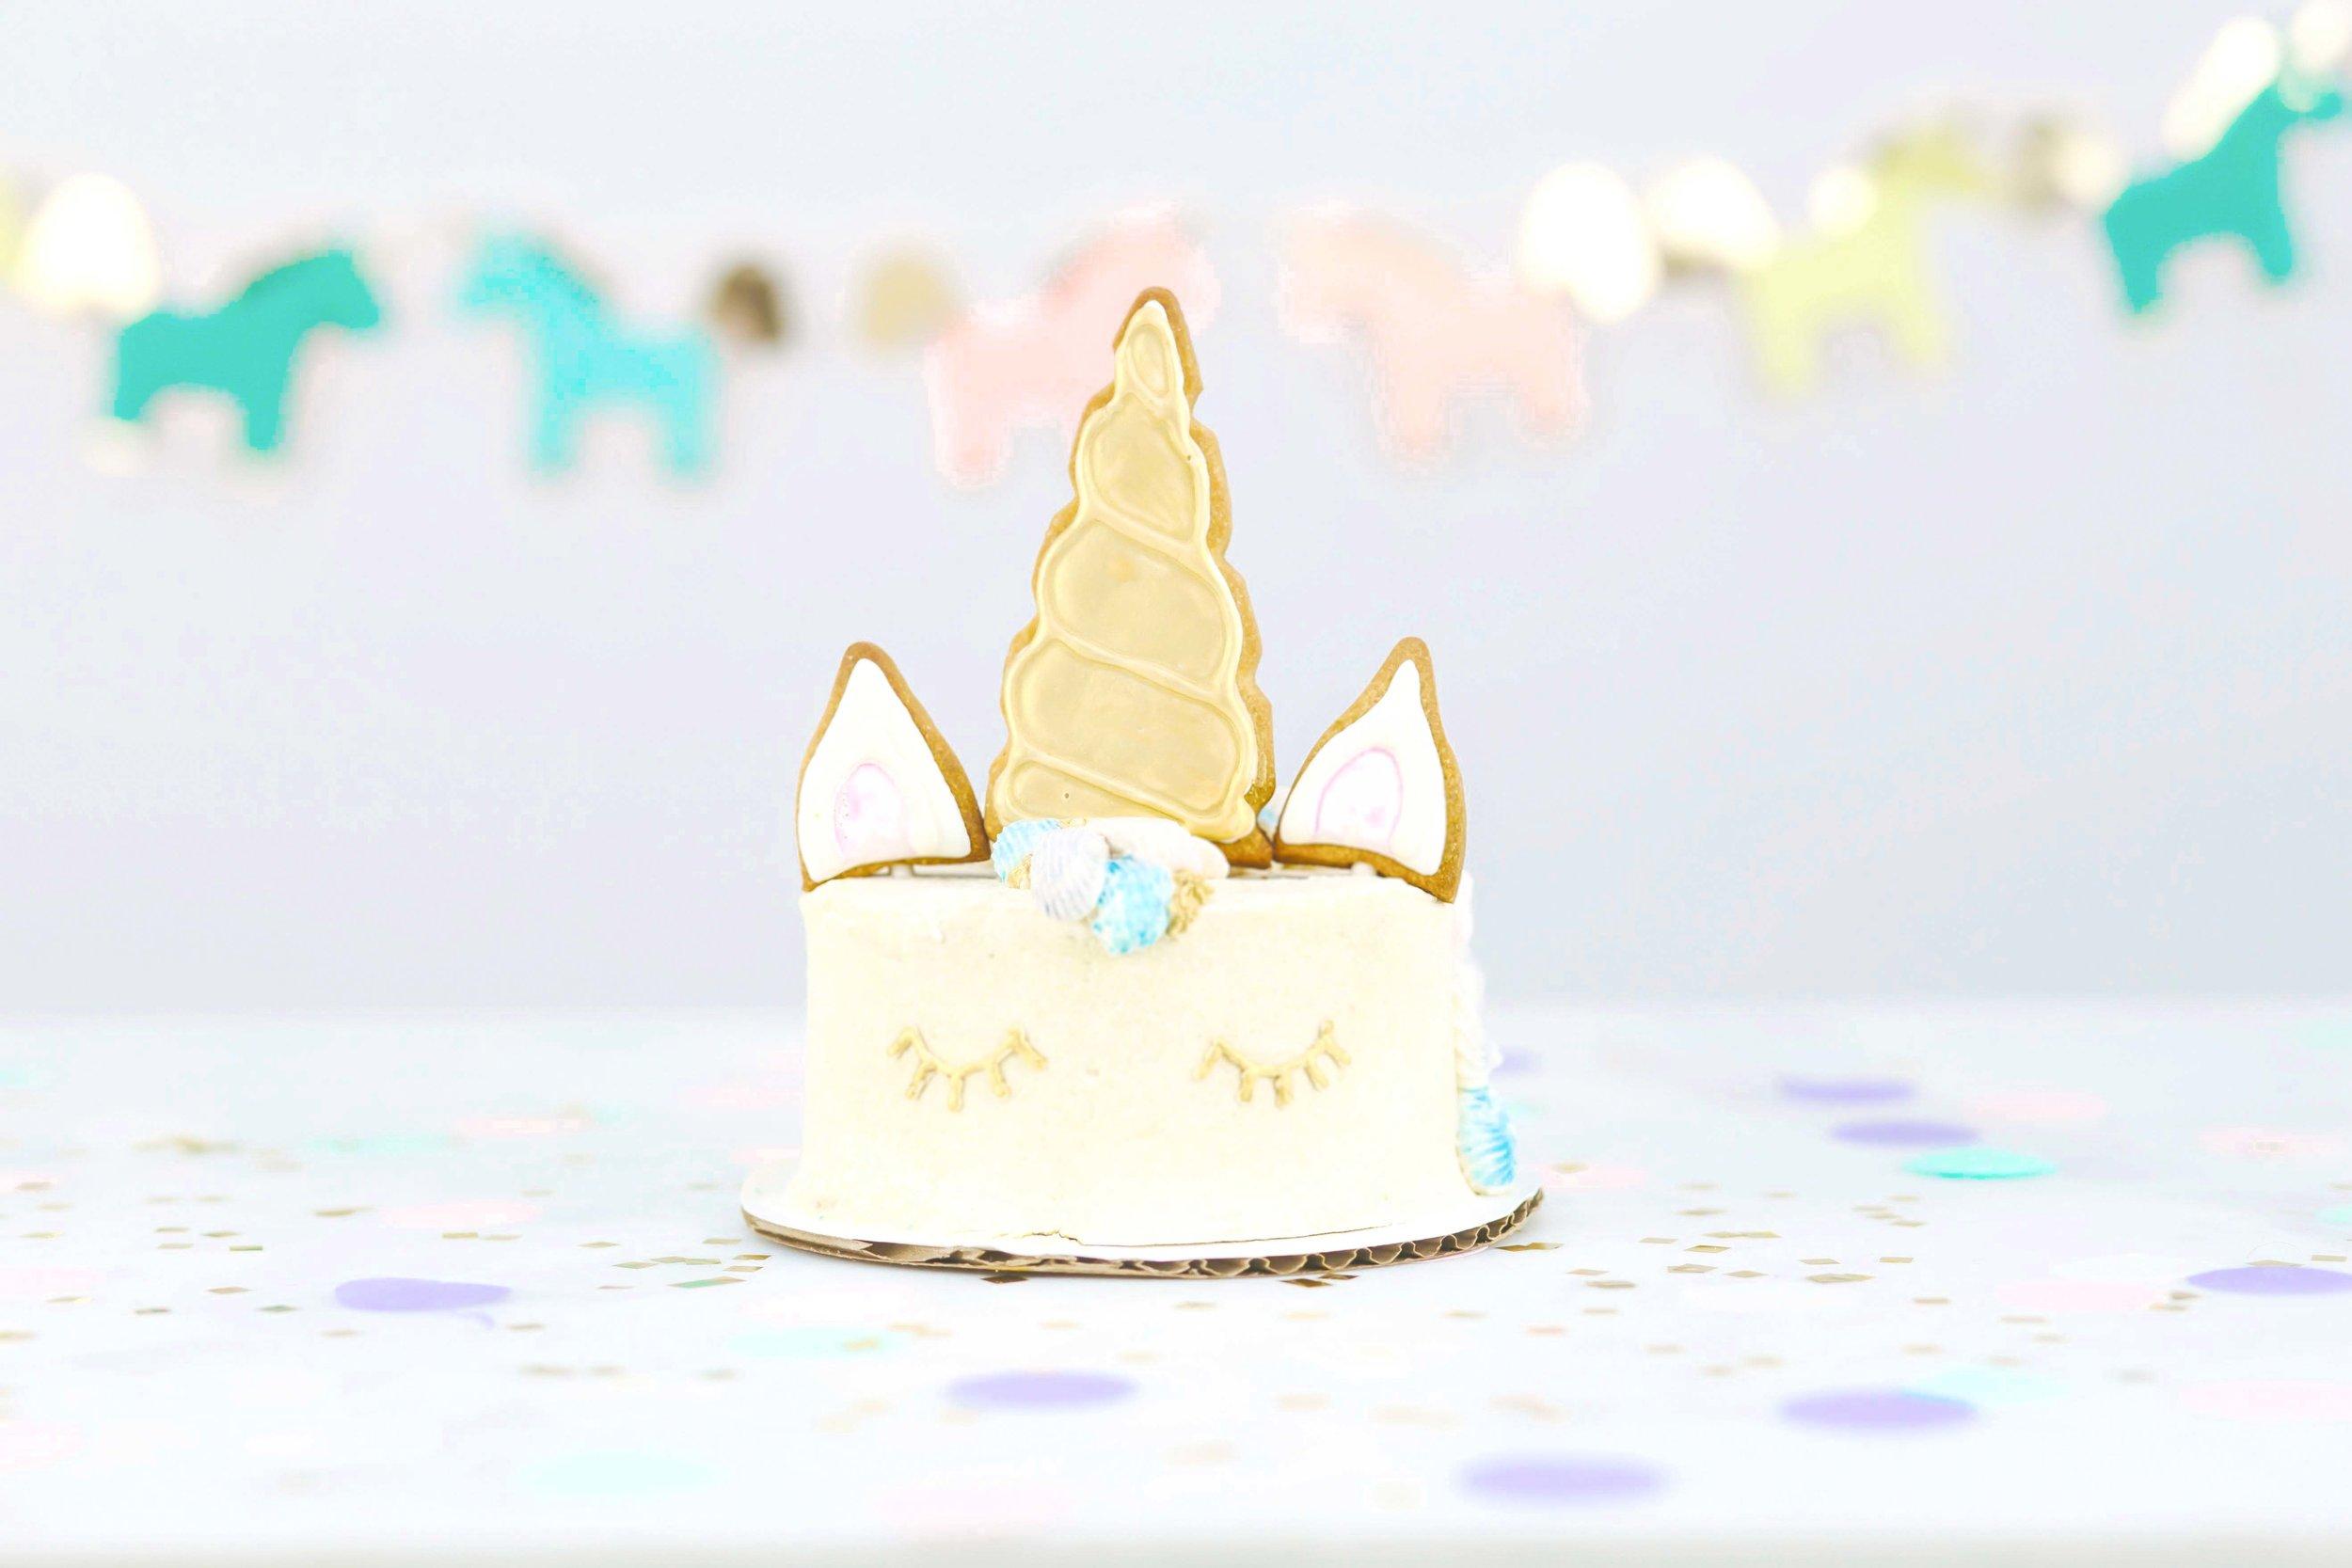 Dave's unicorn birthday cake